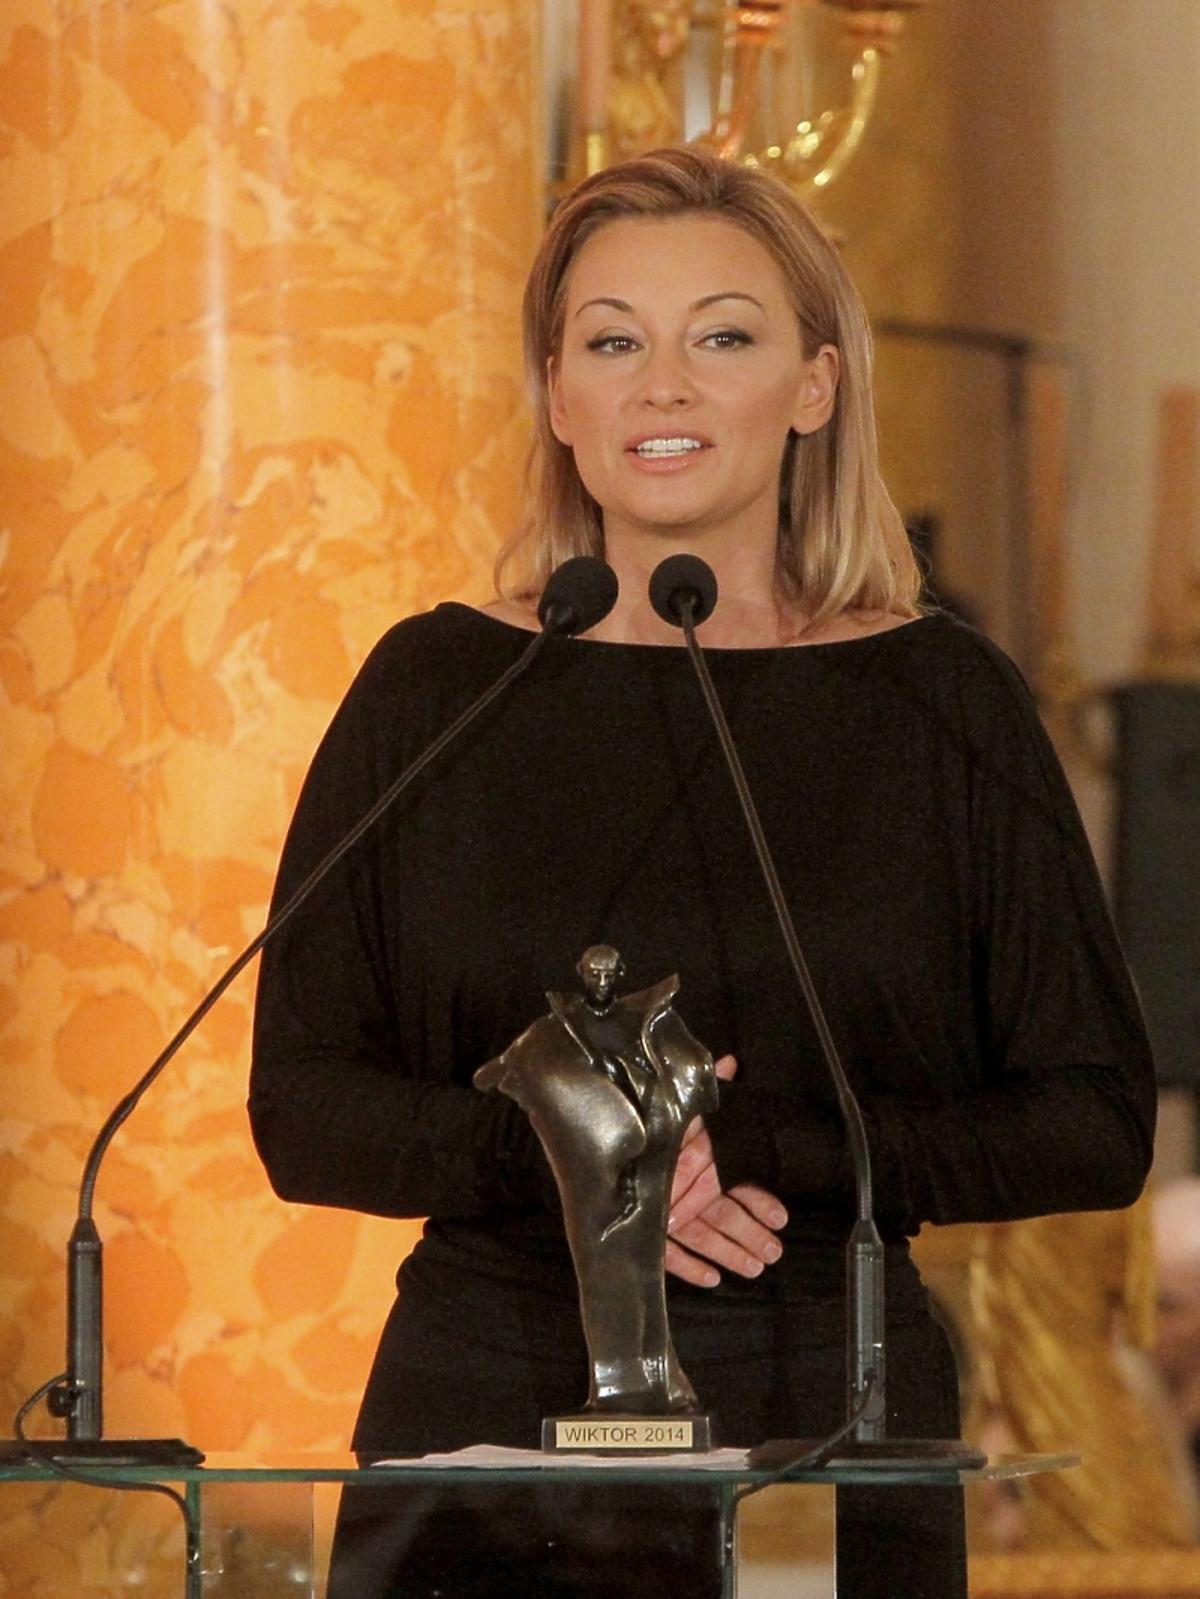 Martyna Wojciechowska na rozdaniu Wiktorów 2015